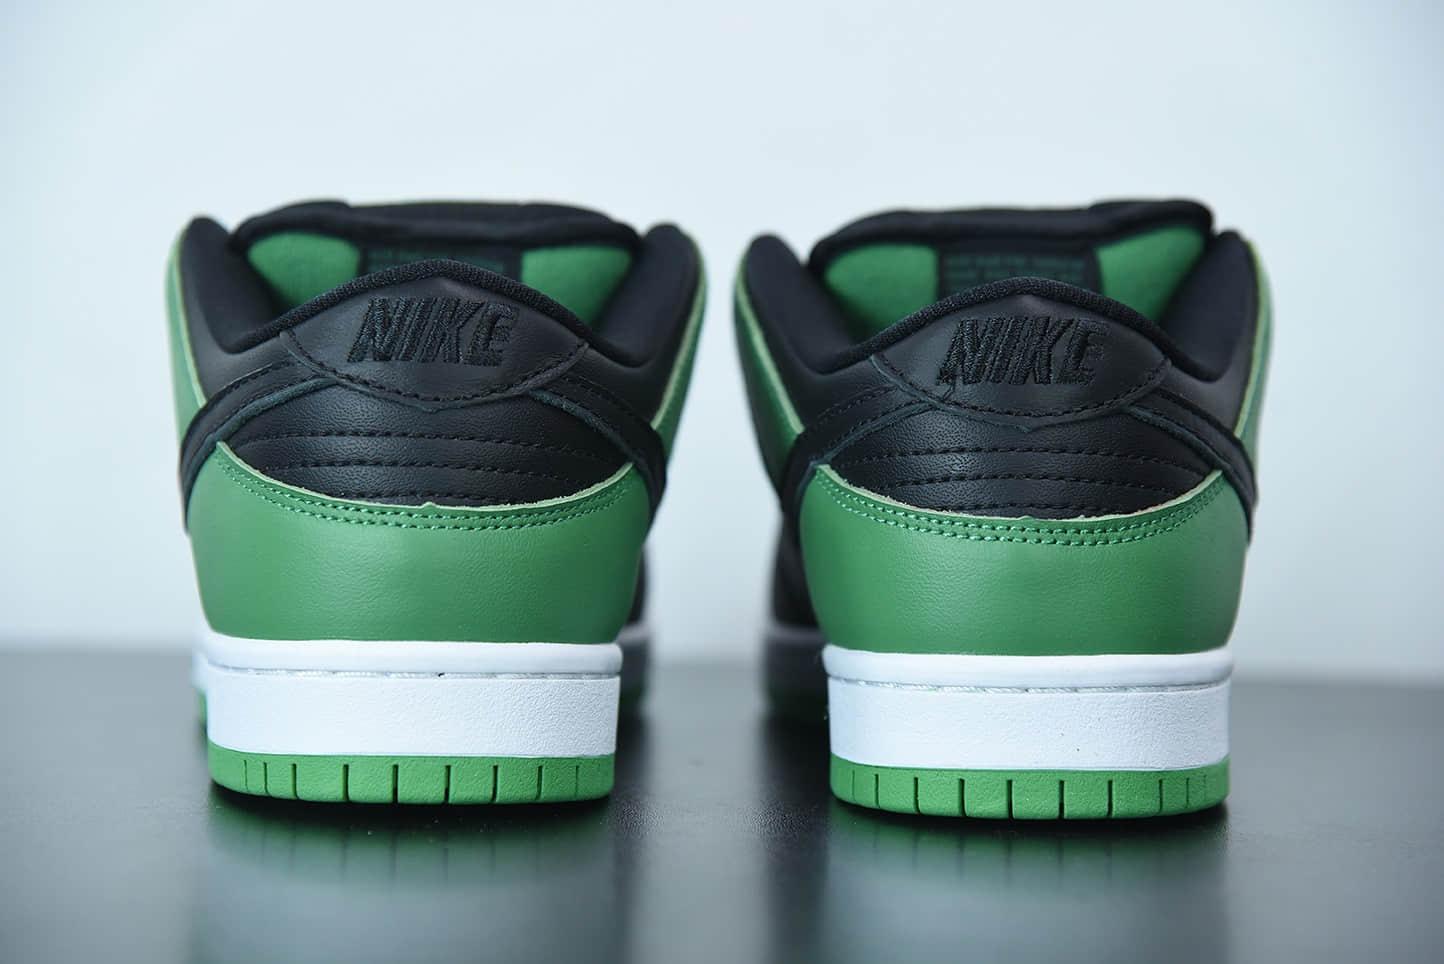 耐克Nike SB Dunk Low Classic Green黑白绿脚趾扣篮系列低帮休闲运动滑板板鞋纯原版本 货号:BQ6817-302